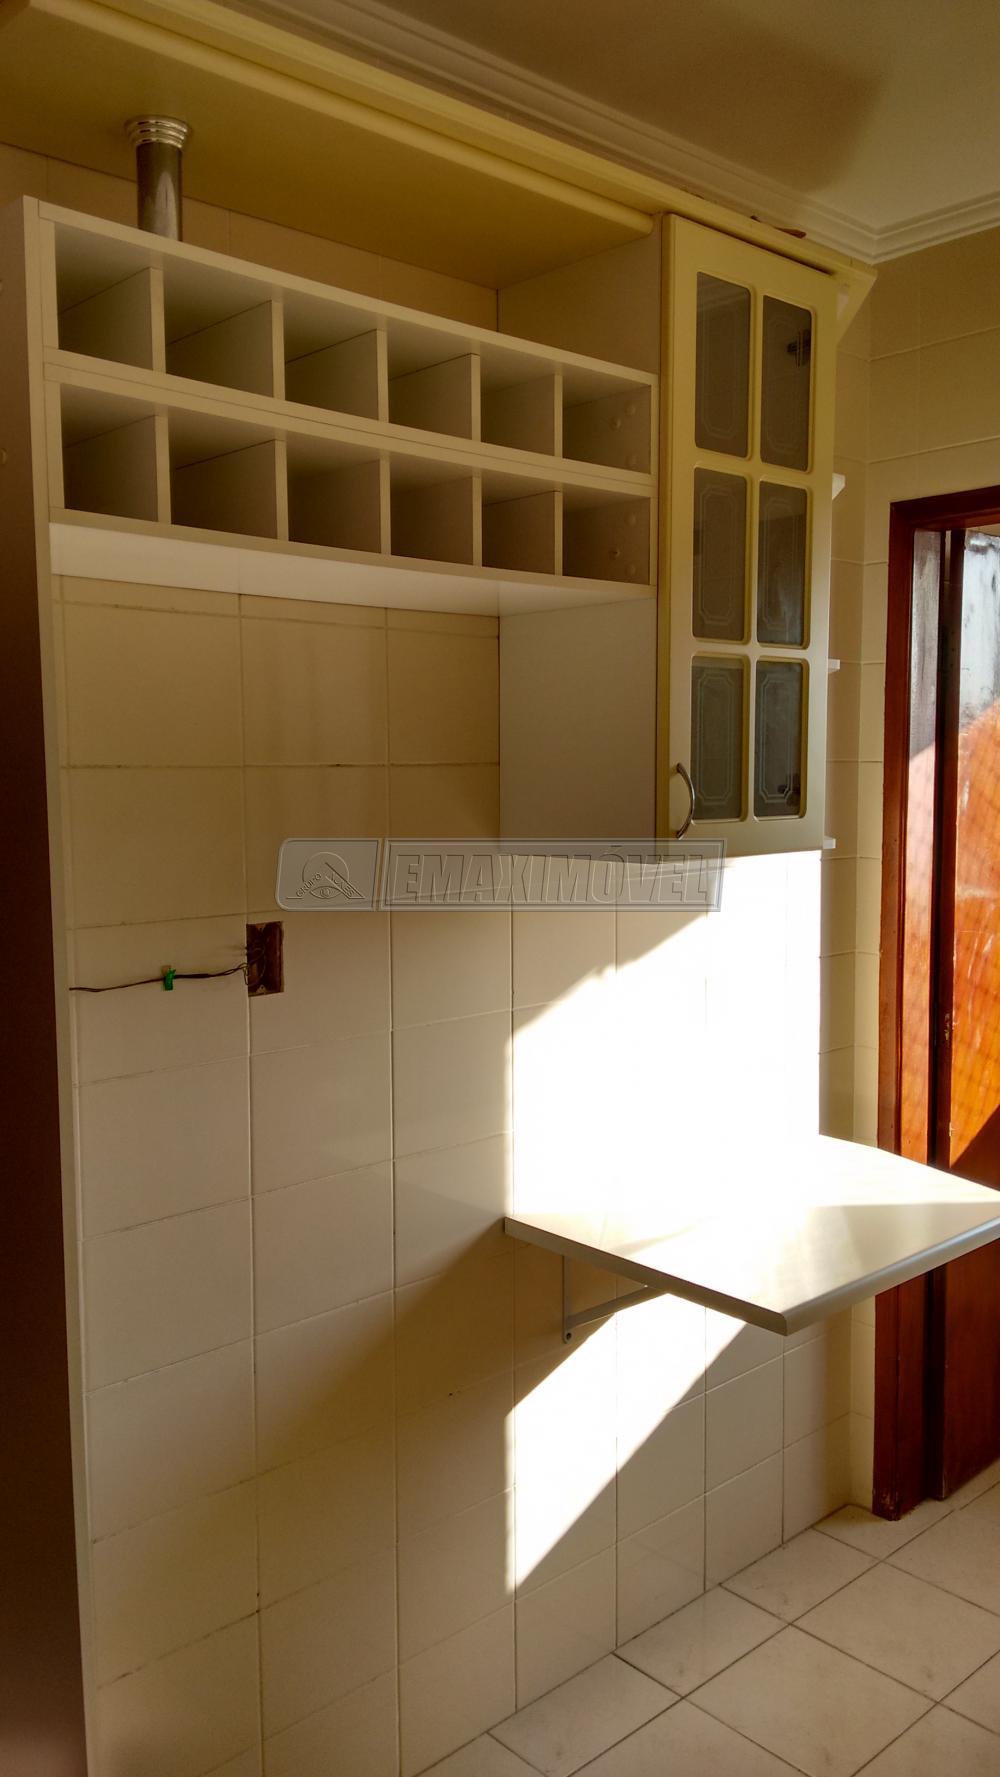 Comprar Apartamentos / Apto Padrão em Sorocaba apenas R$ 190.000,00 - Foto 16